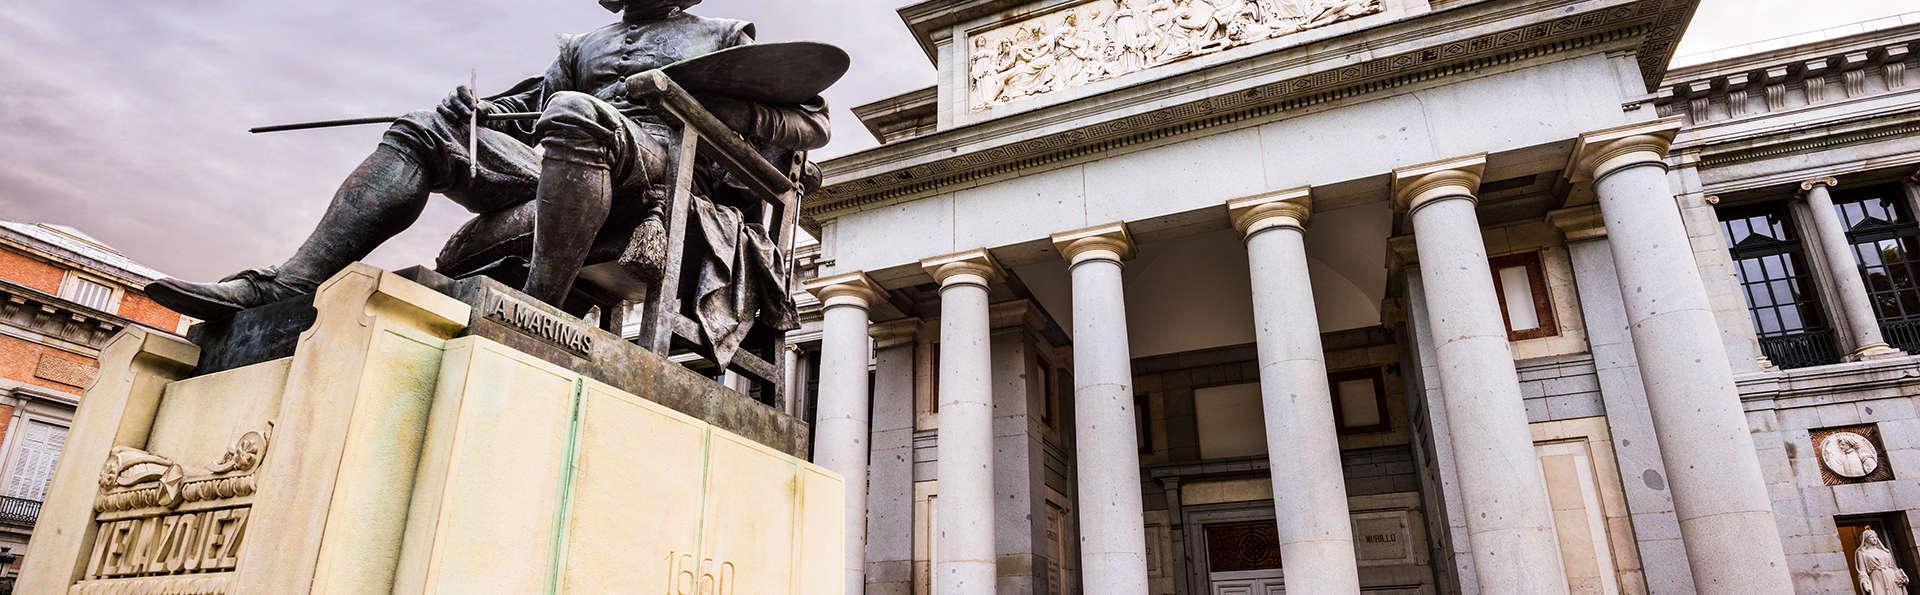 Visitez le musée du Prado pendant votre escapade dans la capitale espagnole dans un hotel 4 étoiles